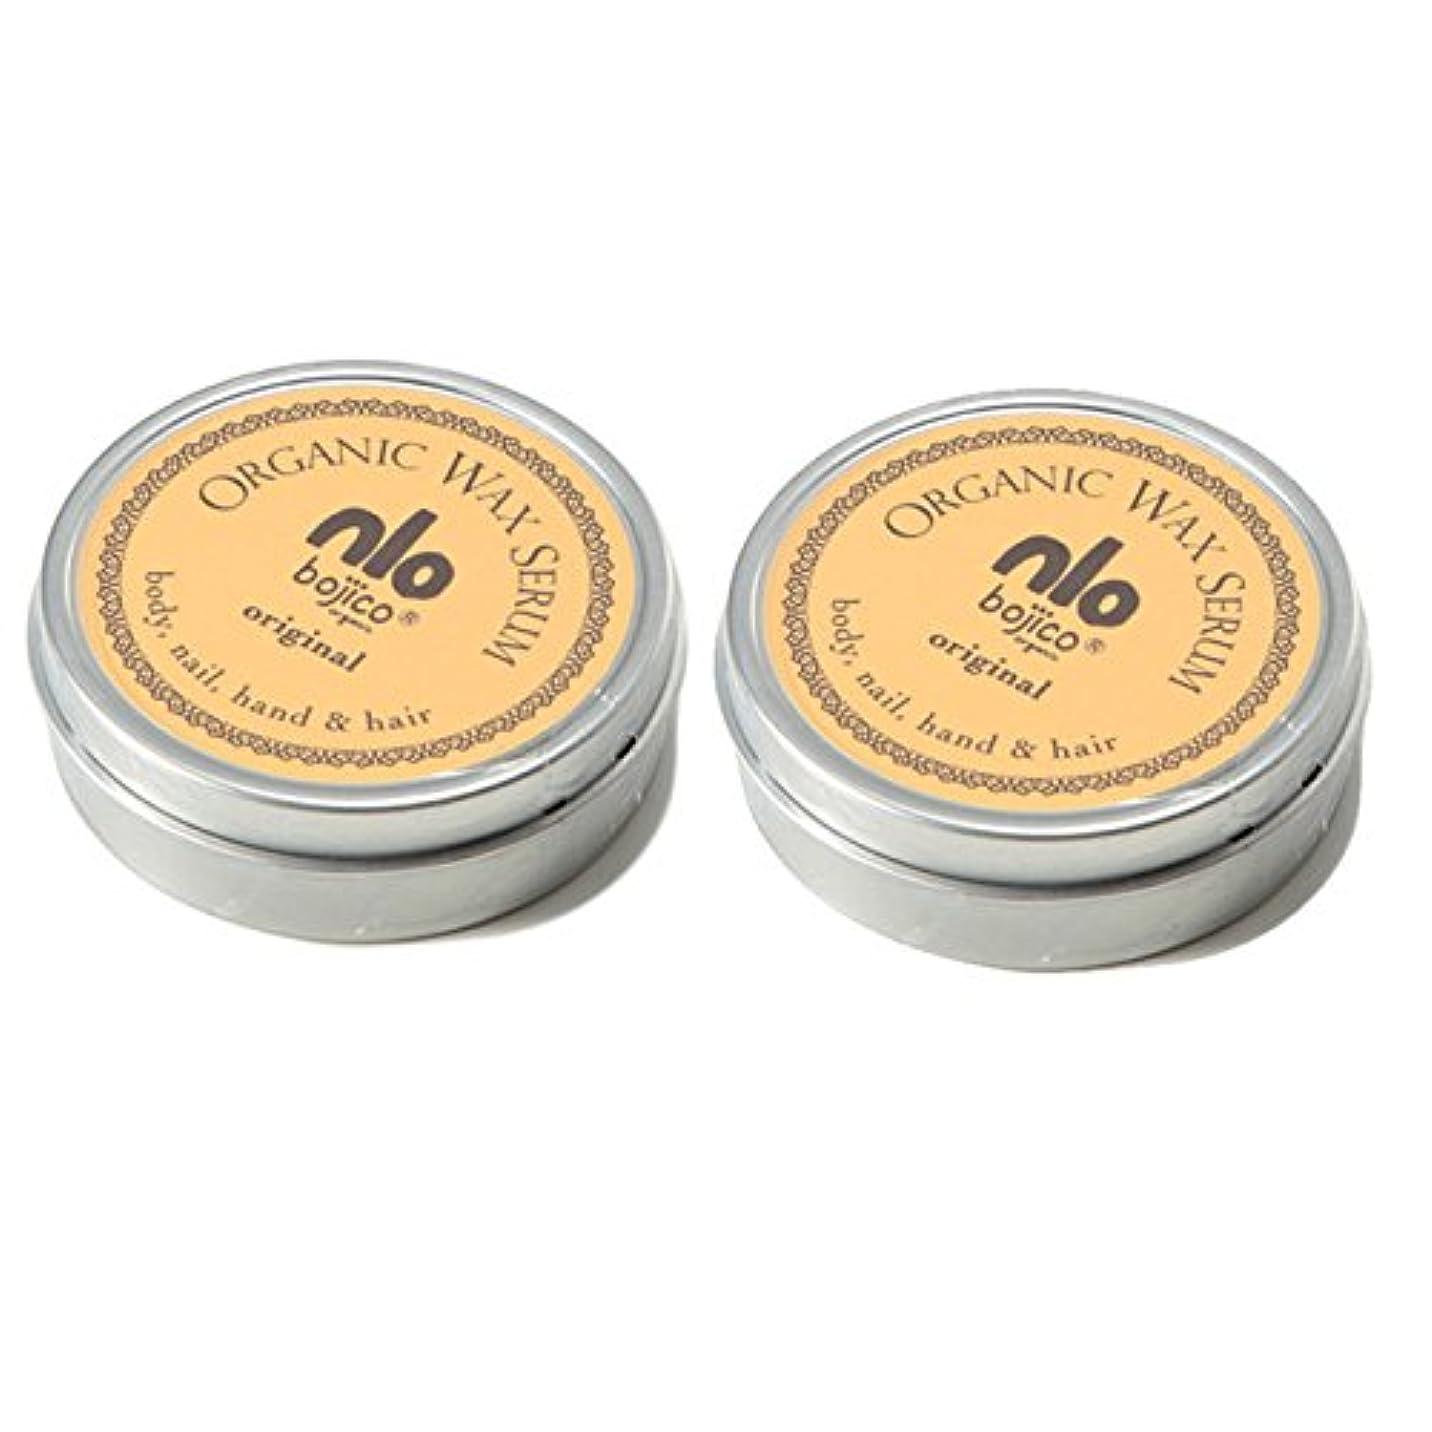 フレット軌道安らぎ【40g×2個セット】 ボジコ オーガニック ワックス セラム<オリジナル> bojico Organic Wax Serum 40g×2